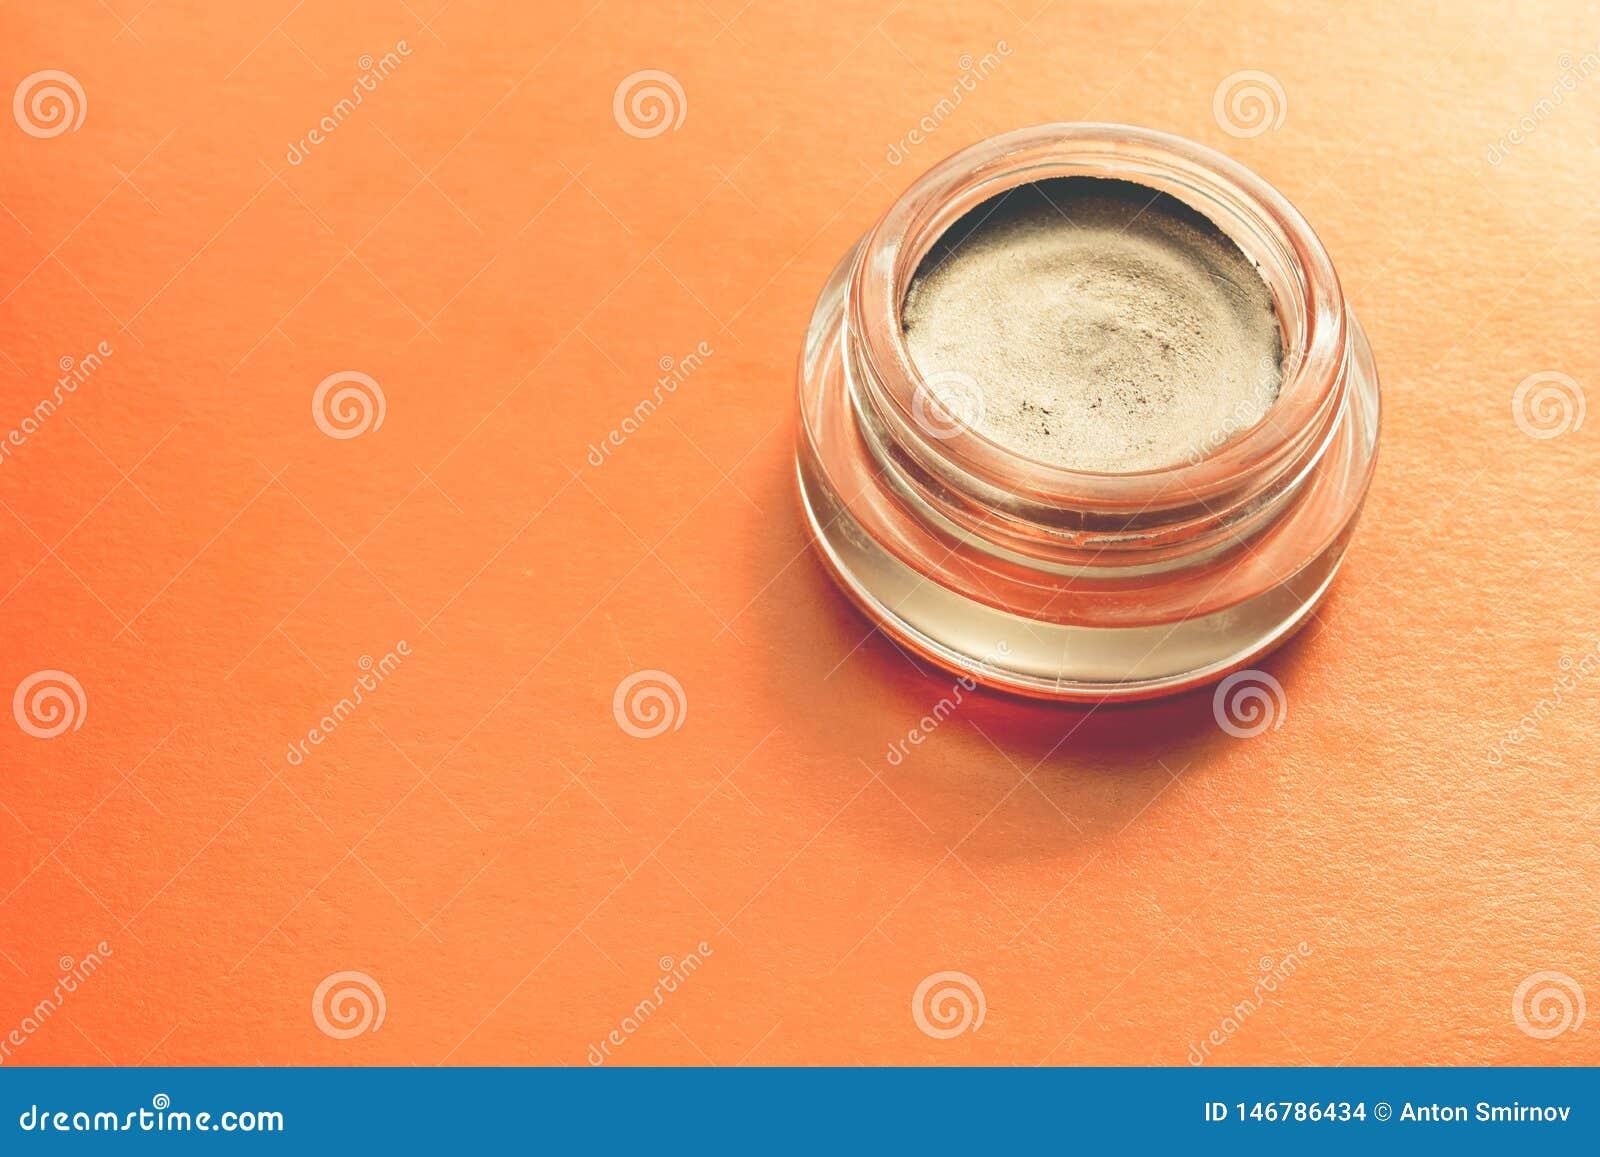 Κρεμώδης σκιά ματιών με μια μεταλλική επίδραση σε ένα βάζο γυαλιού στο πορτοκαλί υπόβαθρο